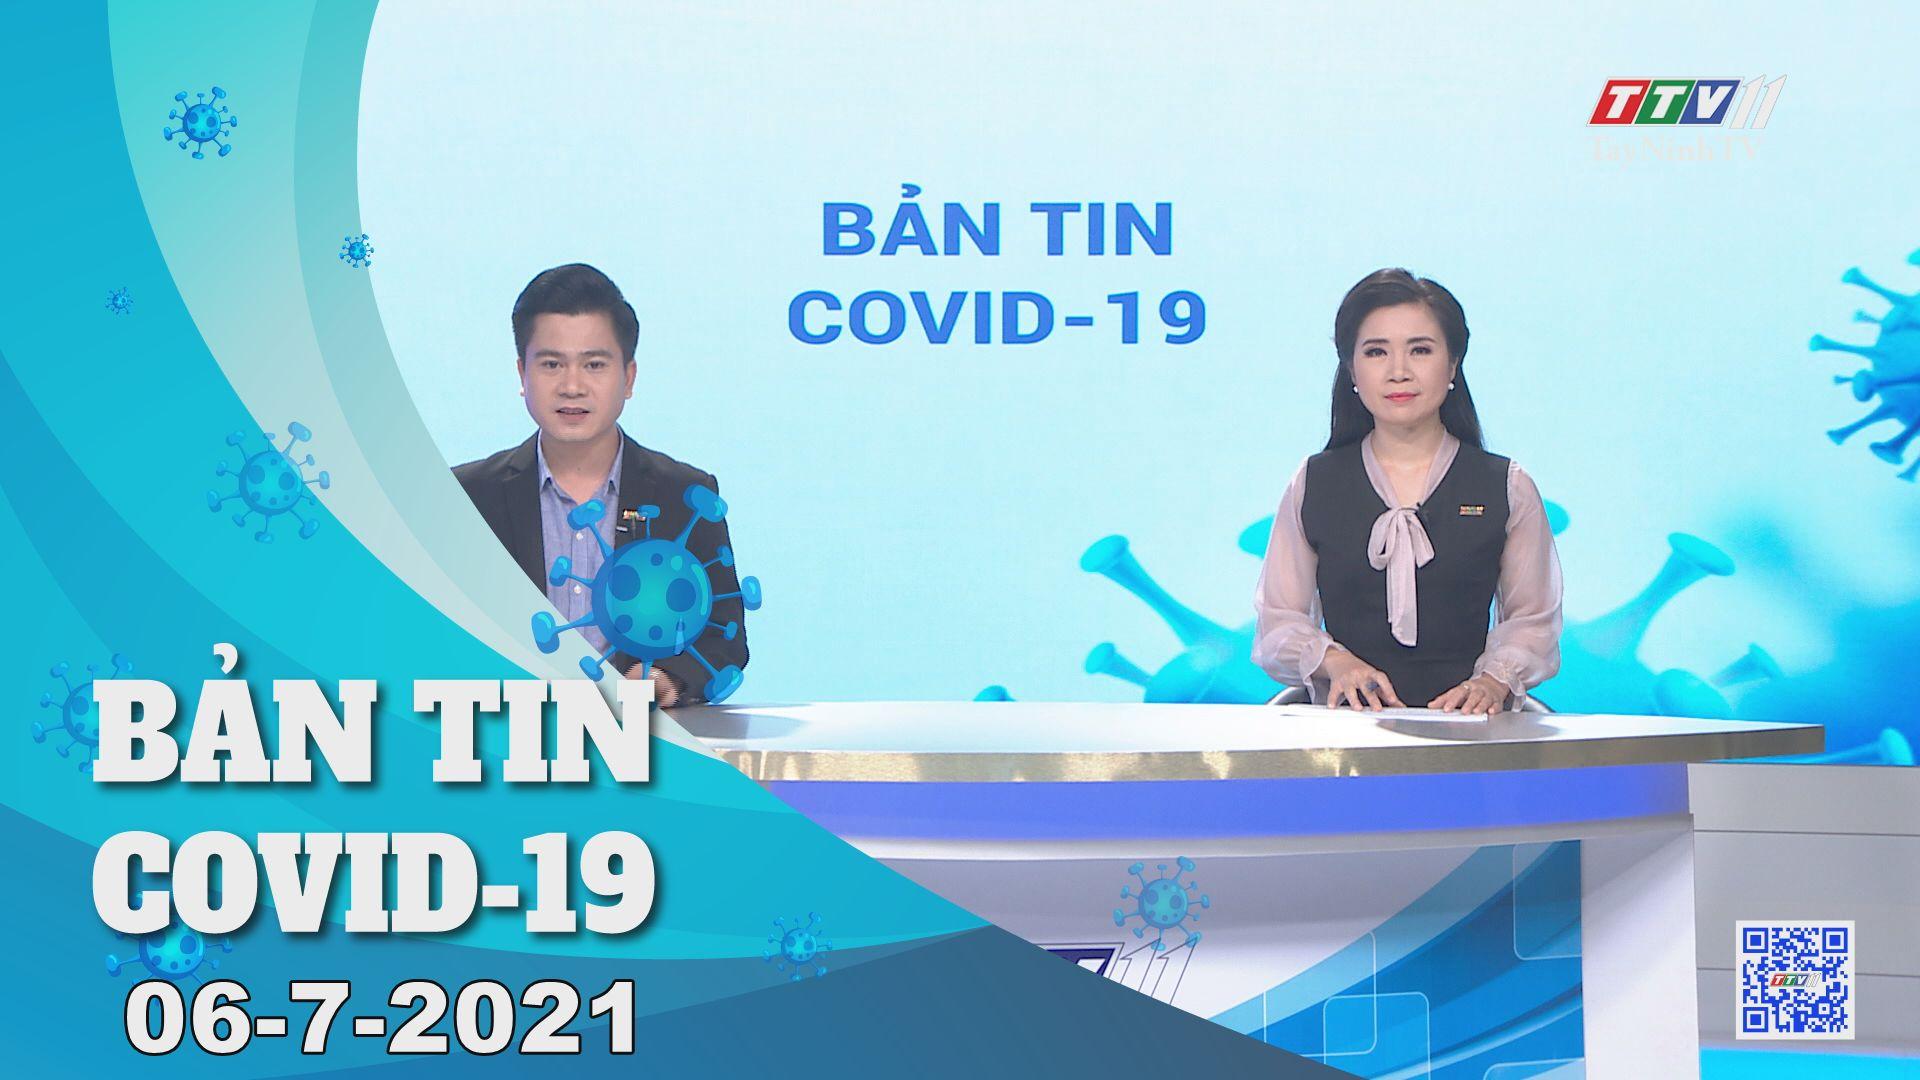 Bản tin Covid-19   Tin tức hôm nay 06-7-2021   TâyNinhTV